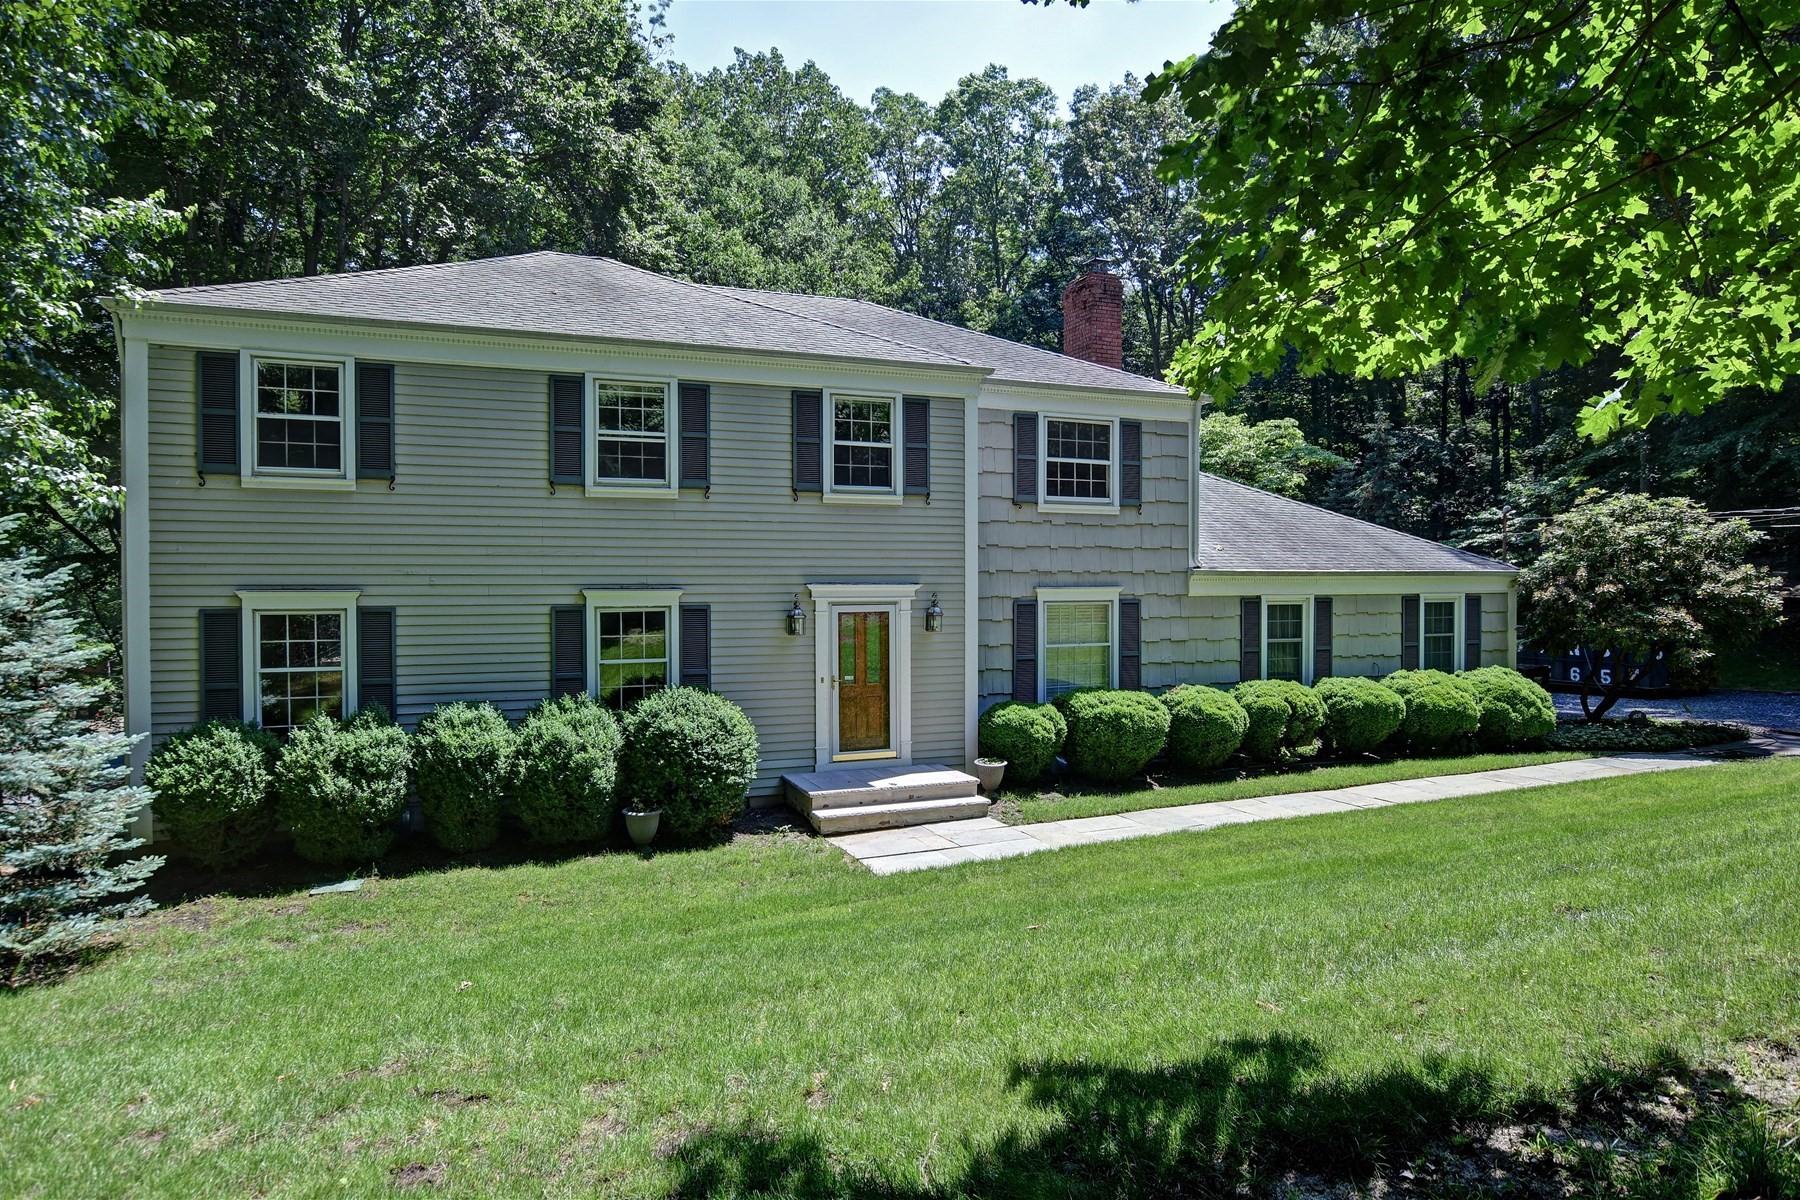 Maison unifamiliale pour l Vente à Classic Colonial 12 Craig Court Colts Neck, New Jersey, 07722 États-Unis